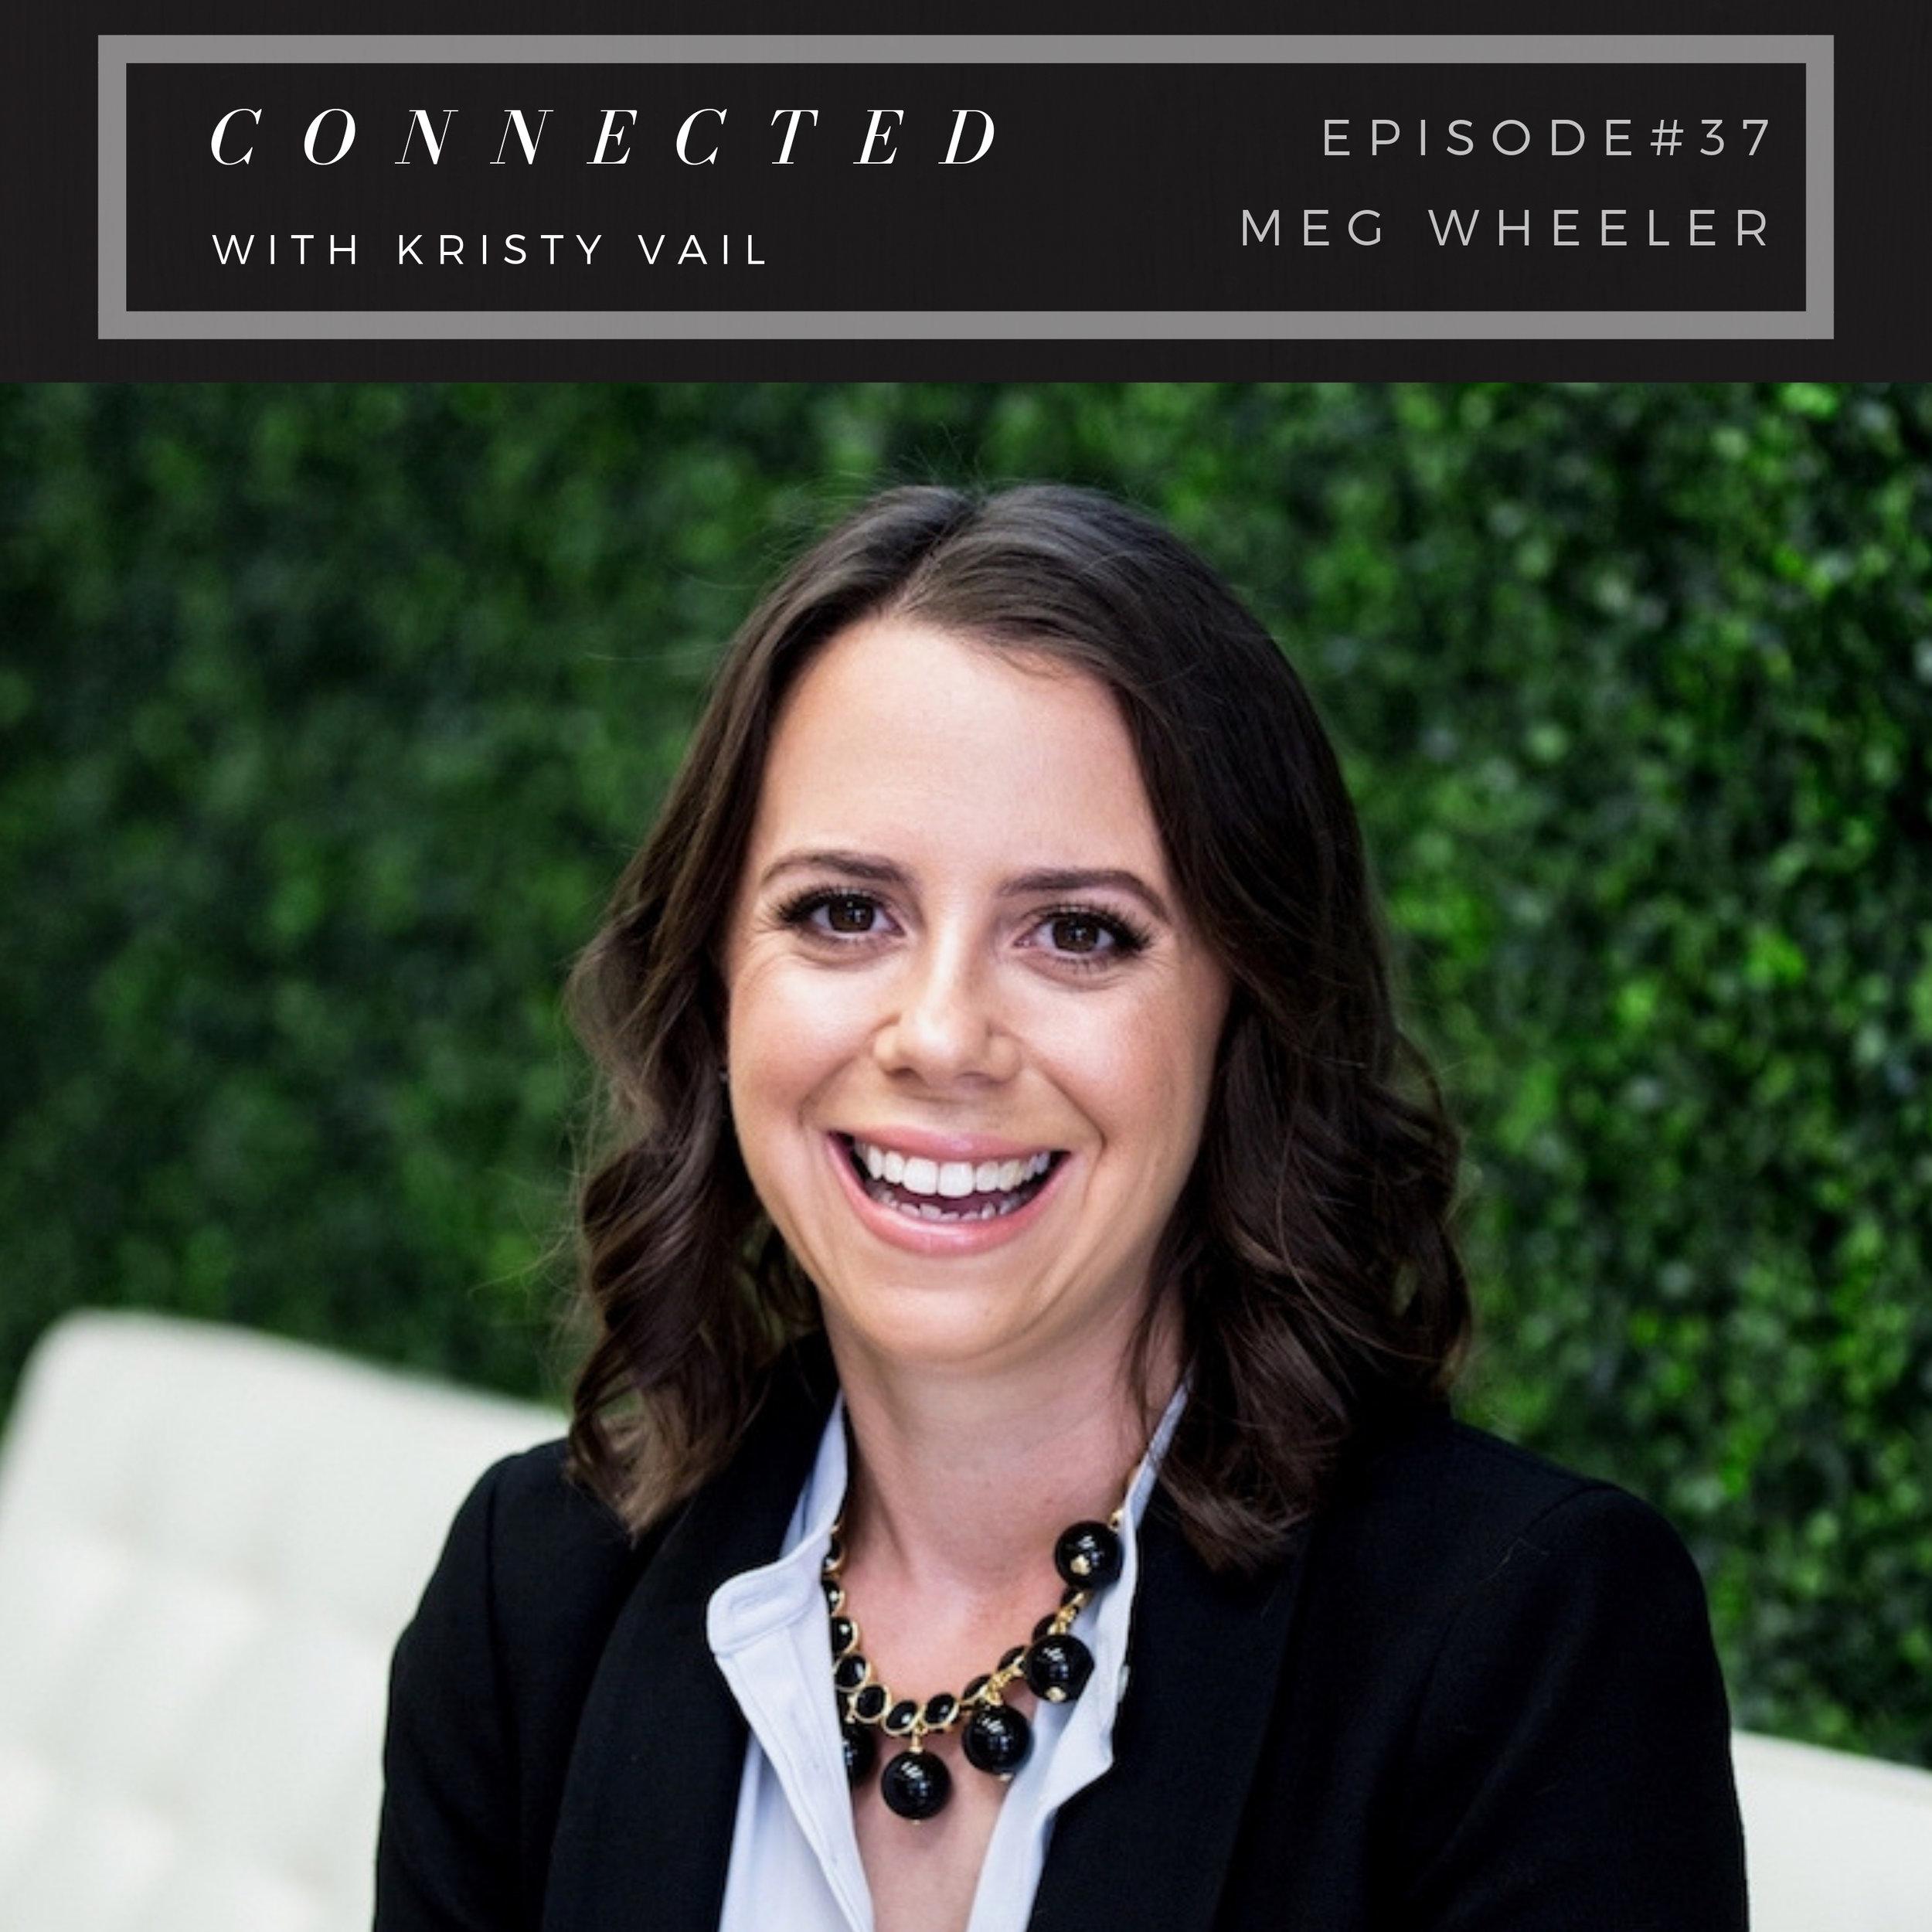 Meg Wheeler Podcast Cover.jpg